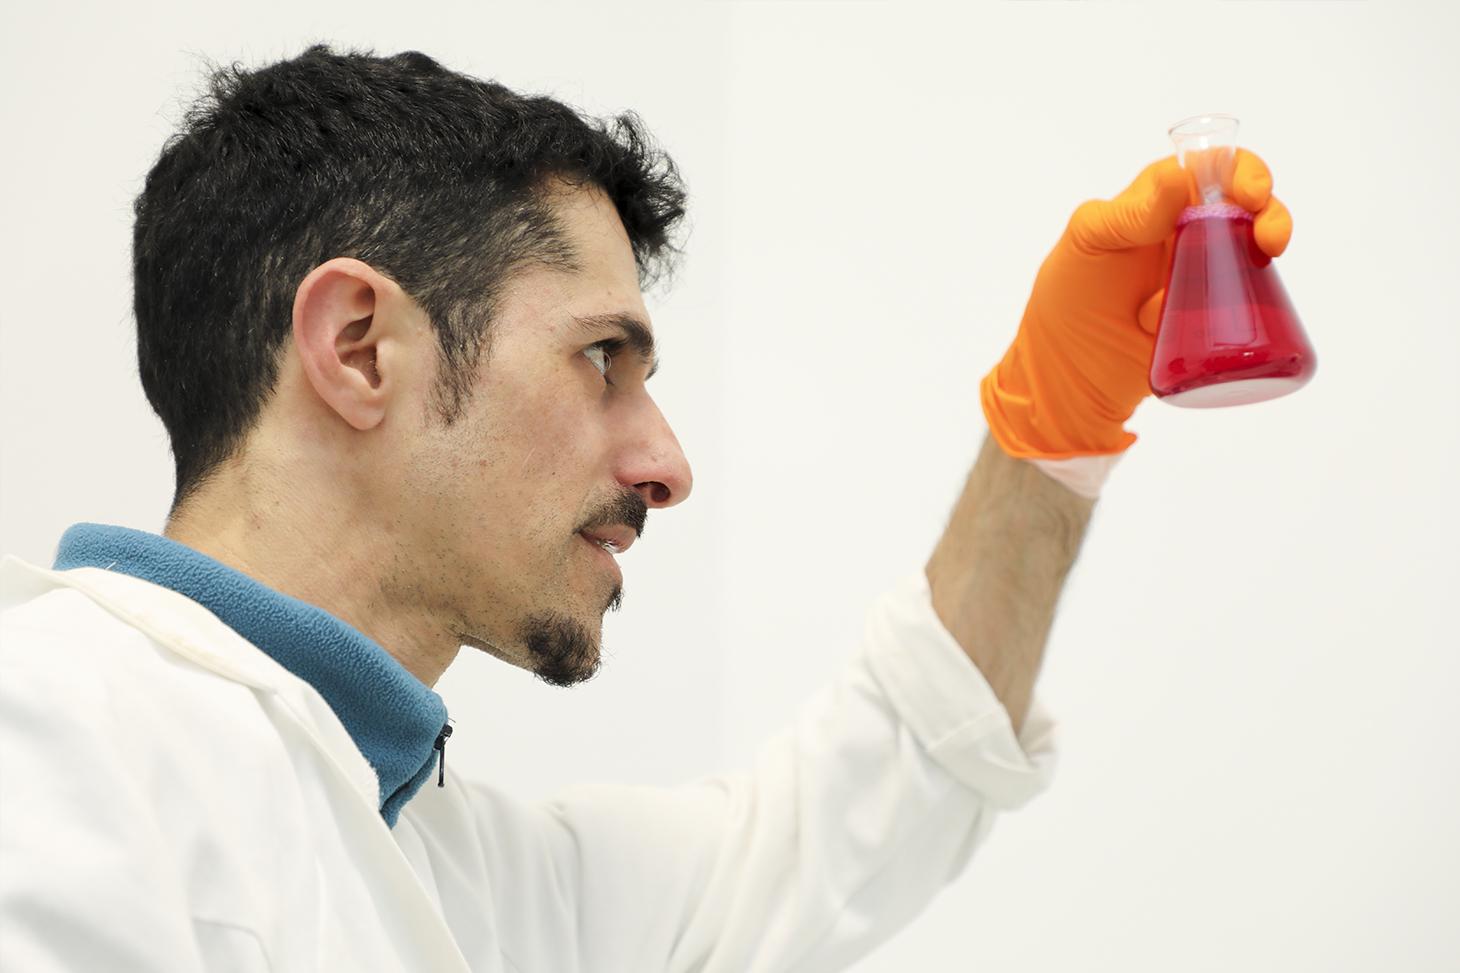 Un chercheur dans un laboratoire